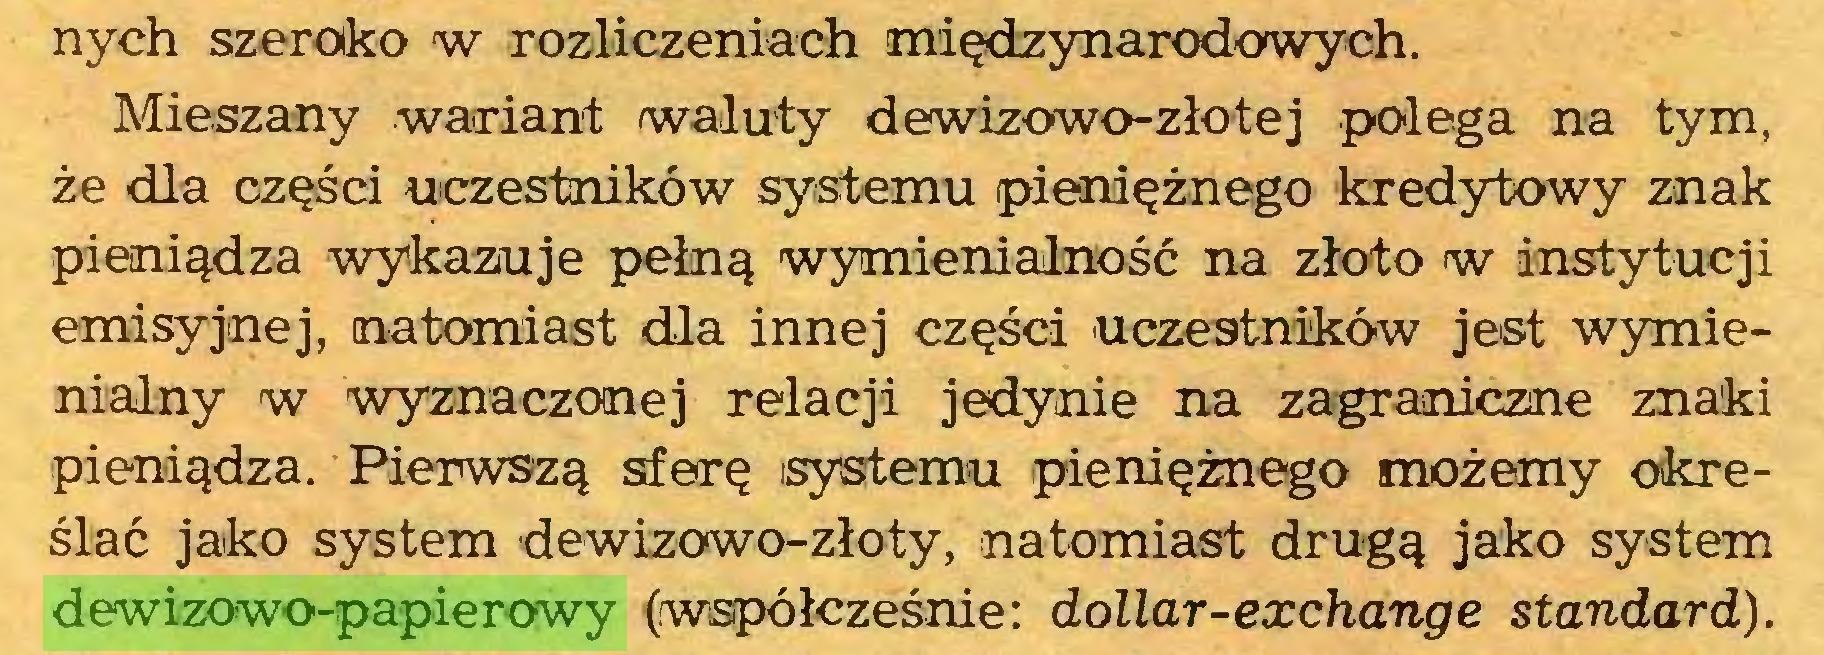 (...) nych szeroko w rozliczeniach międzynarodowych. Mieszany wariant waluty dewizowo-złotej polega na tym, że dla części uczestników systemu pieniężnego kredytowy znak pieniądza wykazuje pełną wymienialność na złoto w instytucji emisyjnej, natomiast dla innej części uczestników jest wymienialny w wyznaczonej relacji jedynie na zagraniczne znaki pieniądza. Pierwszą sferę systemu pieniężnego możemy określać jako system dewizowo-złoty, natomiast drugą jako system dewizowo-papierowy (współcześnie: dollar-exchange standard)...